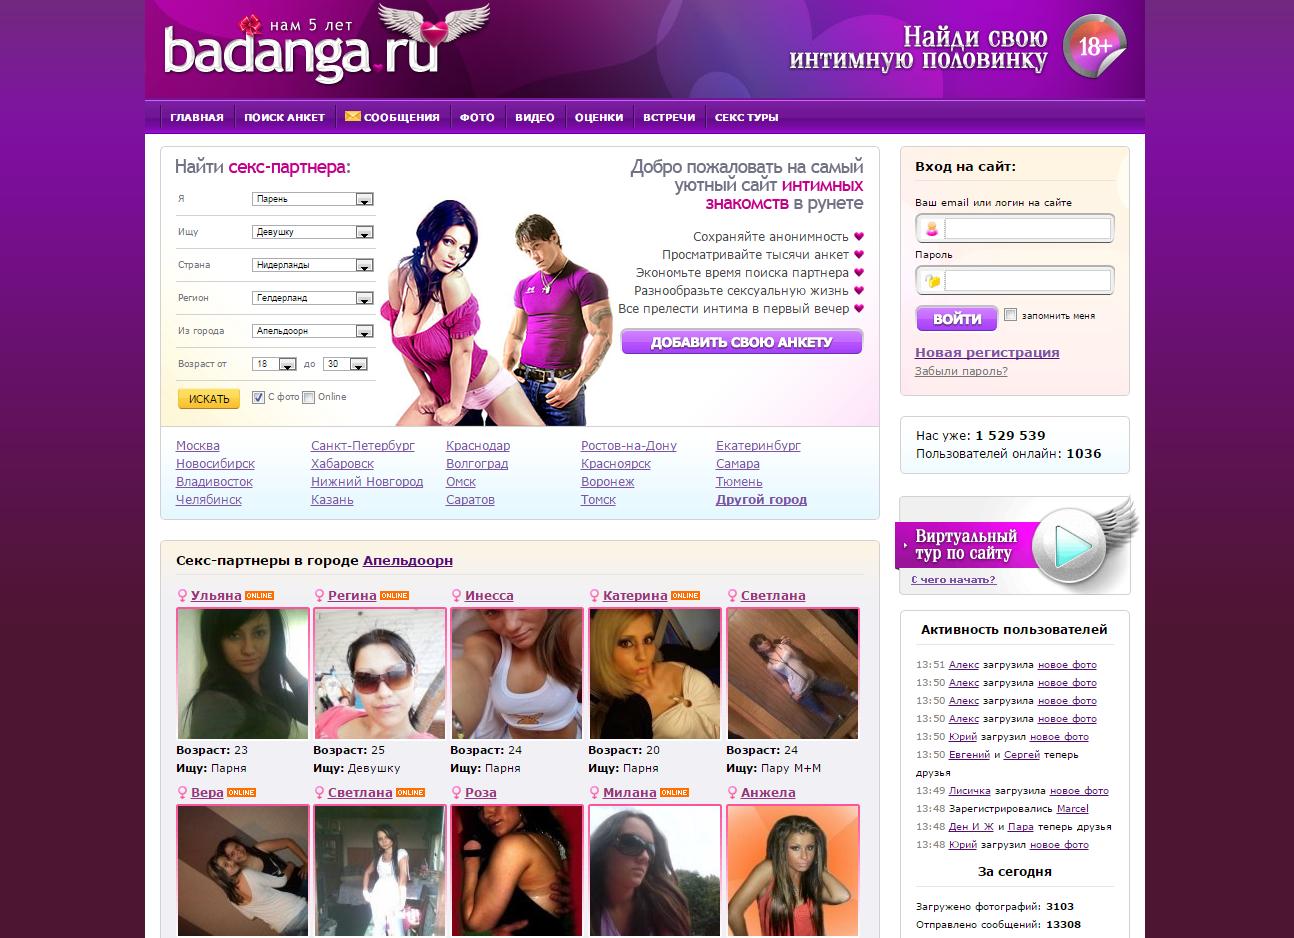 рейтинг сайтов секс знакомств встав